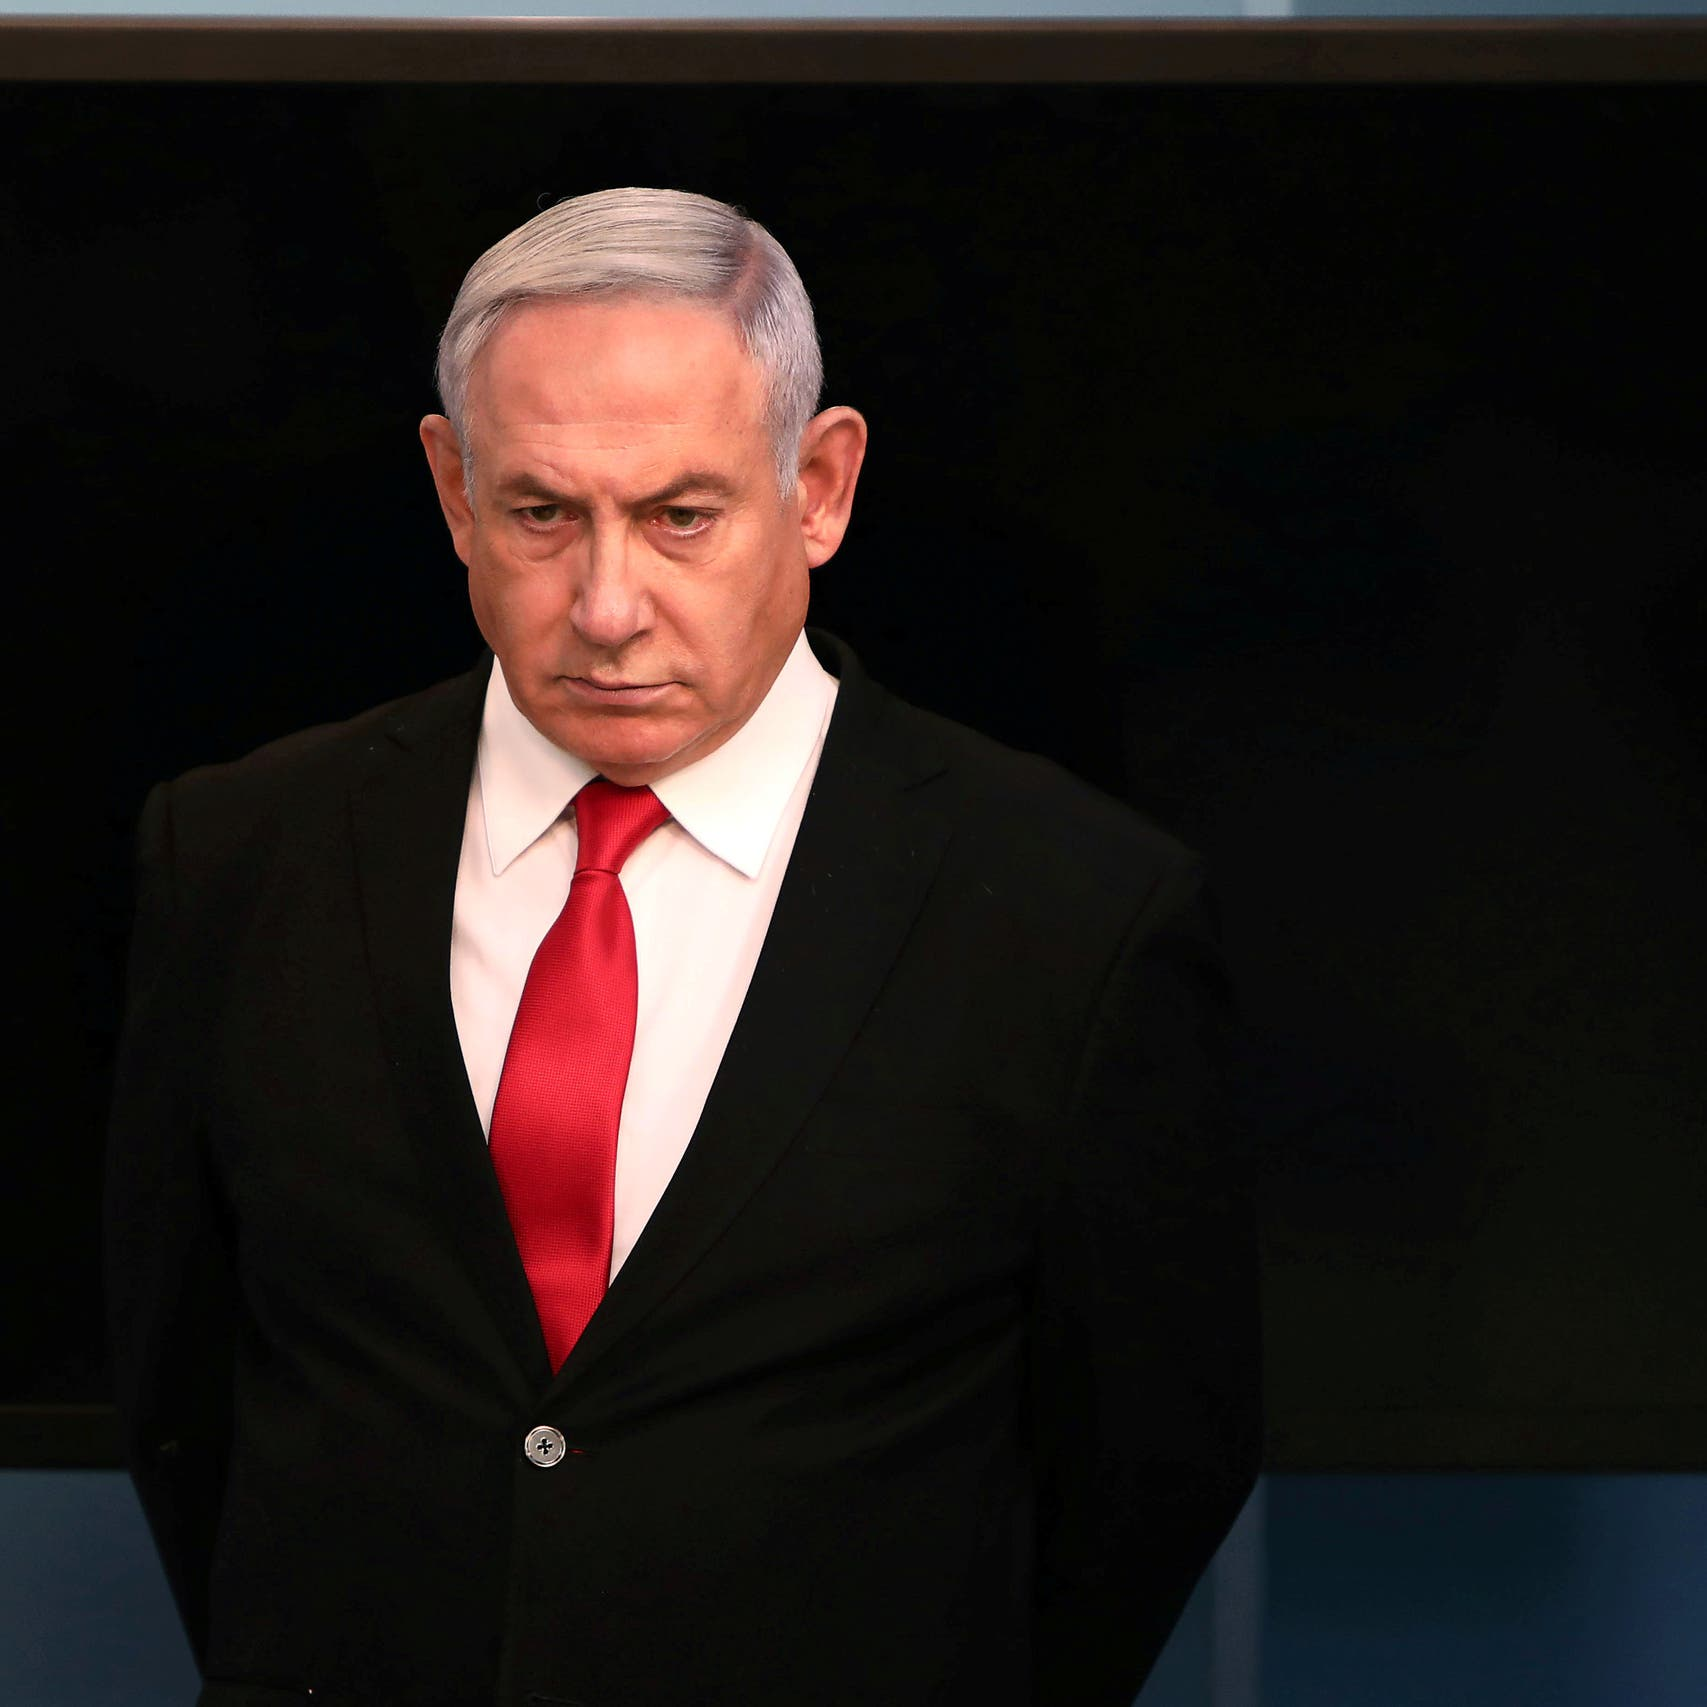 مصير نتنياهو معلق بعد الطعن في اتفاق تشكيل حكومة ائتلافية